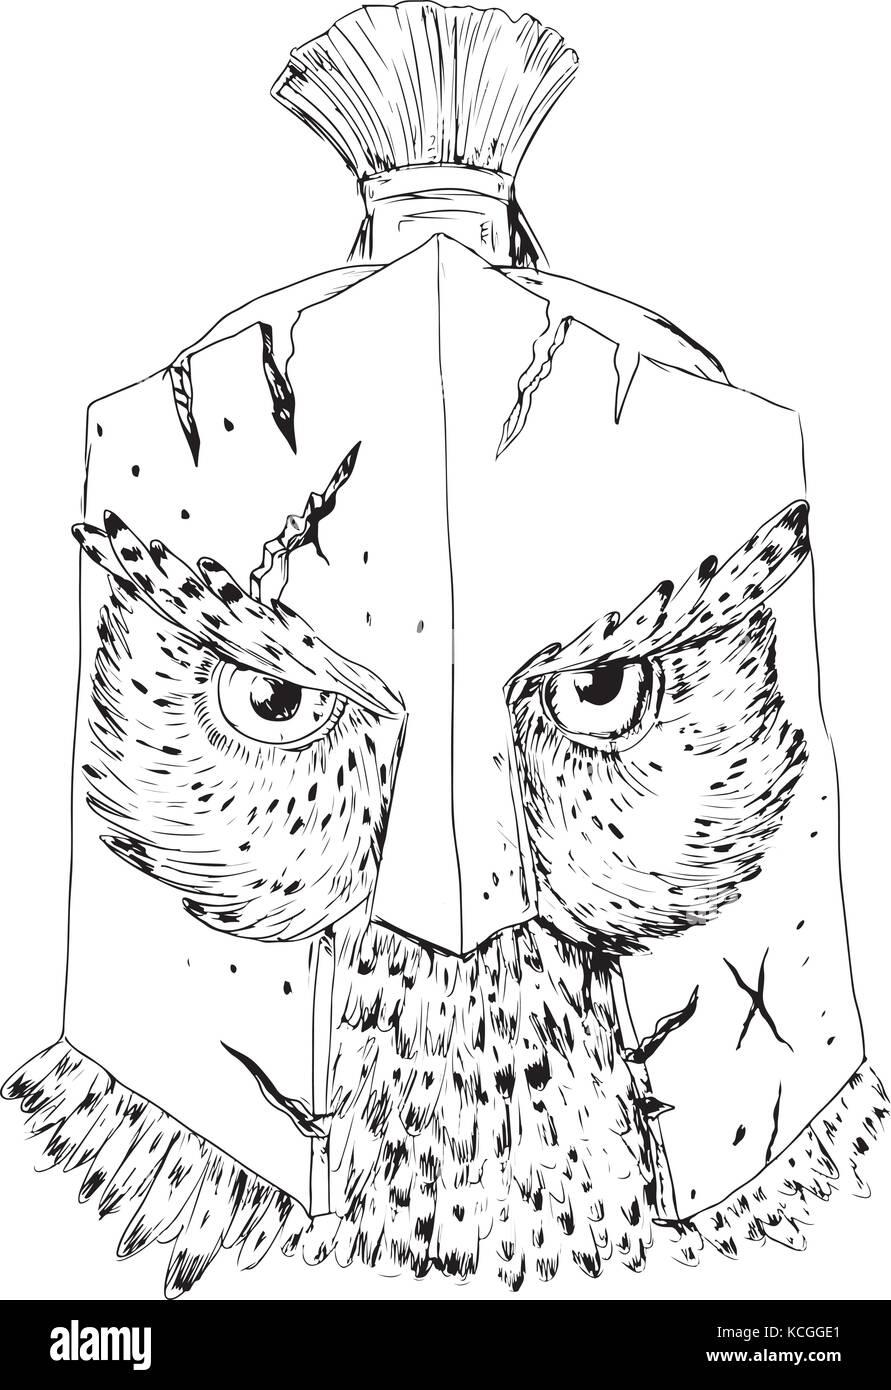 Style croquis dessin illustration d'un grand-duc d'Amérique portant spartan 12.2005 Bataille-casque Photo Stock